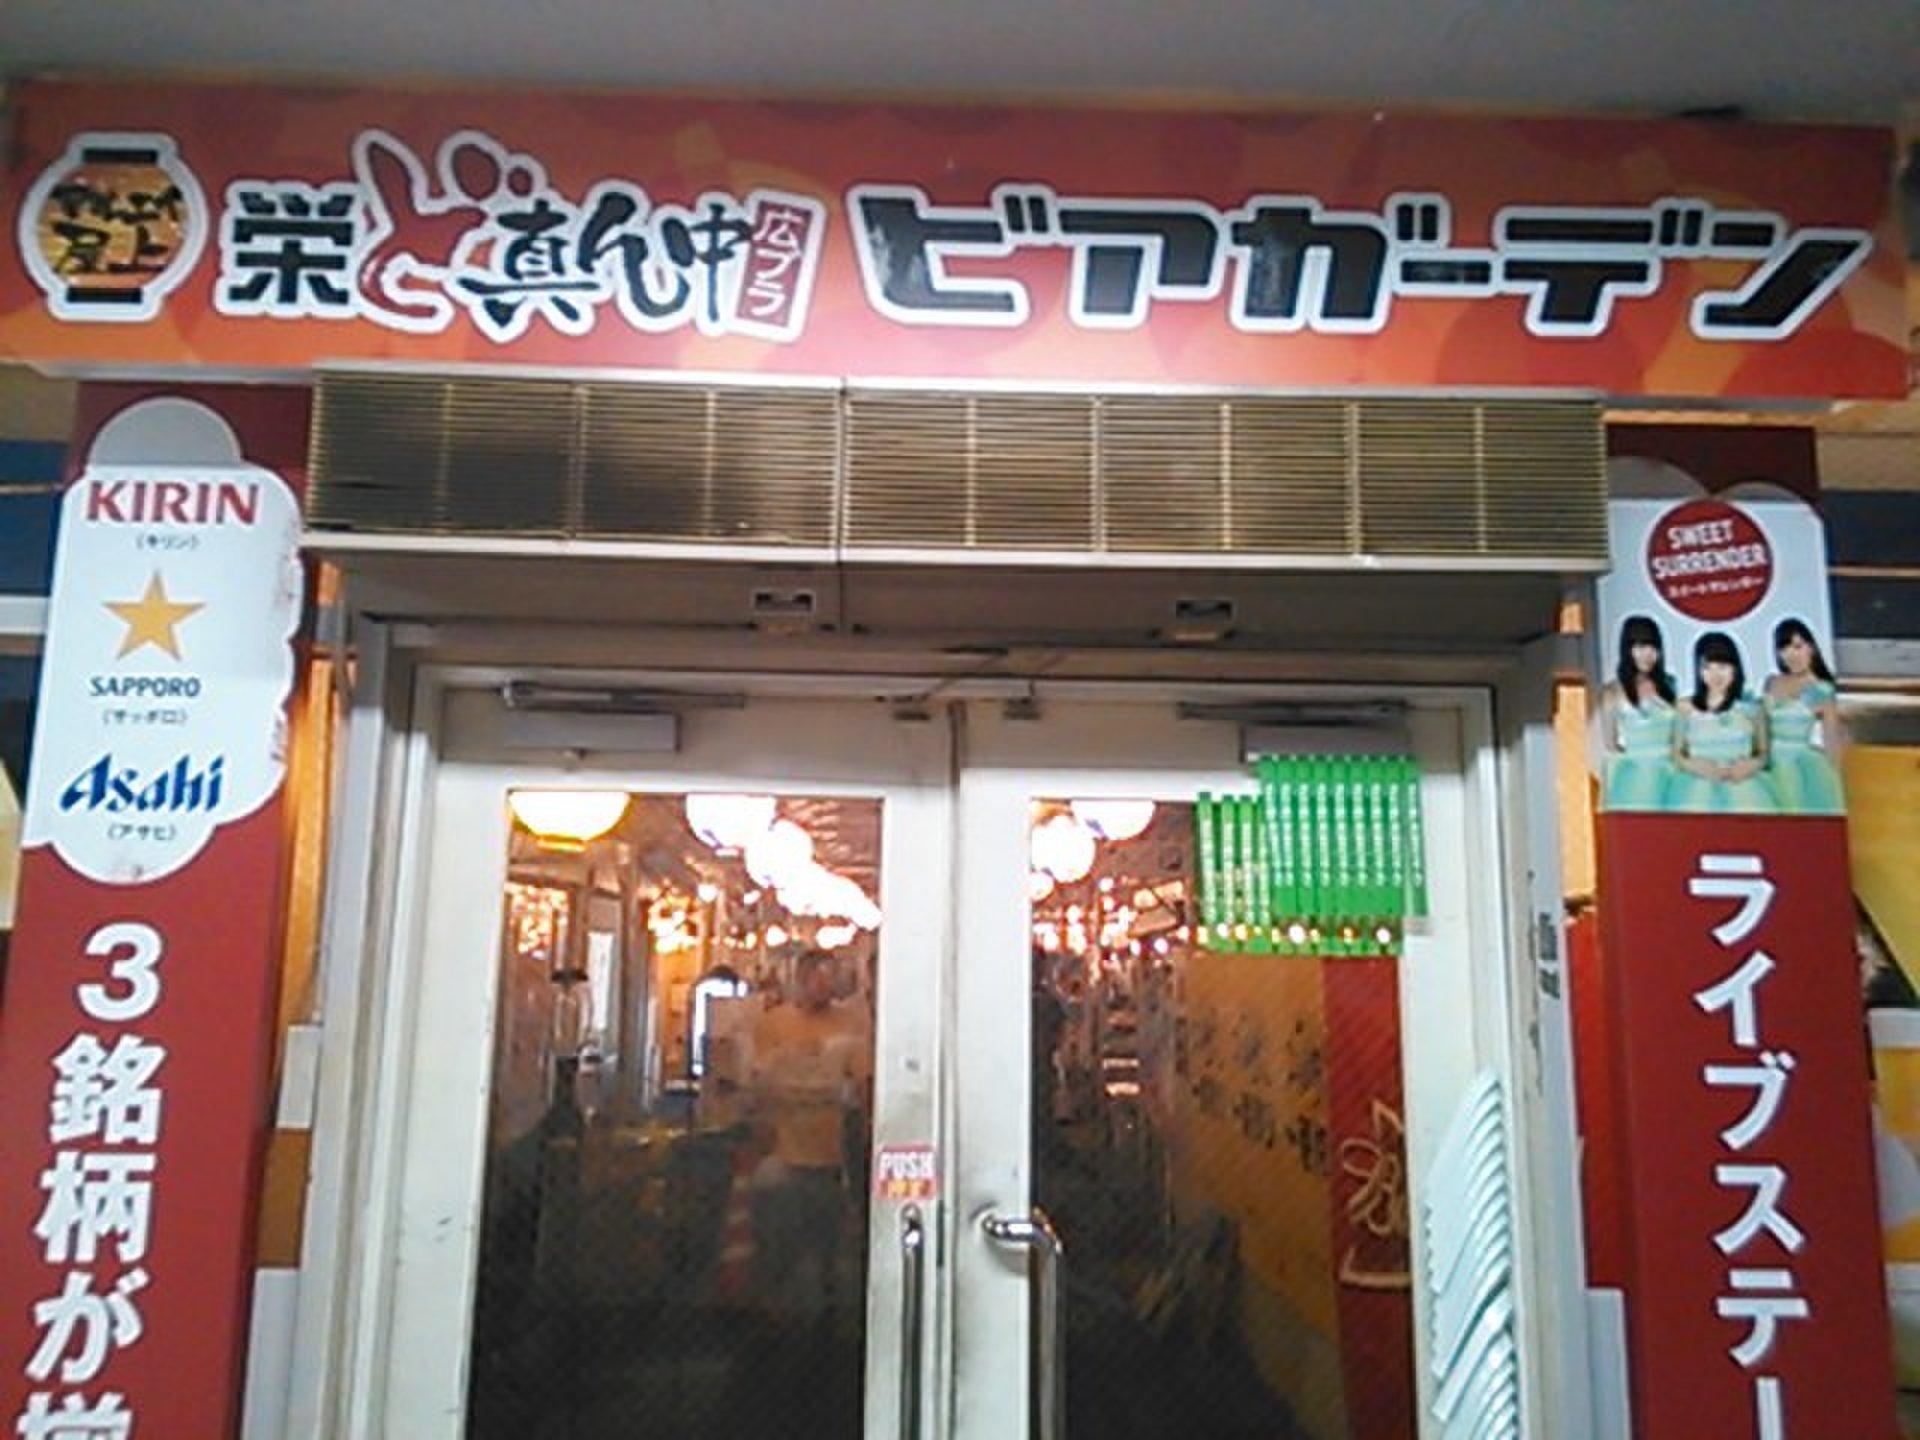 【閉業】マルエイ屋上 栄ど真ん中 ビアガーデン